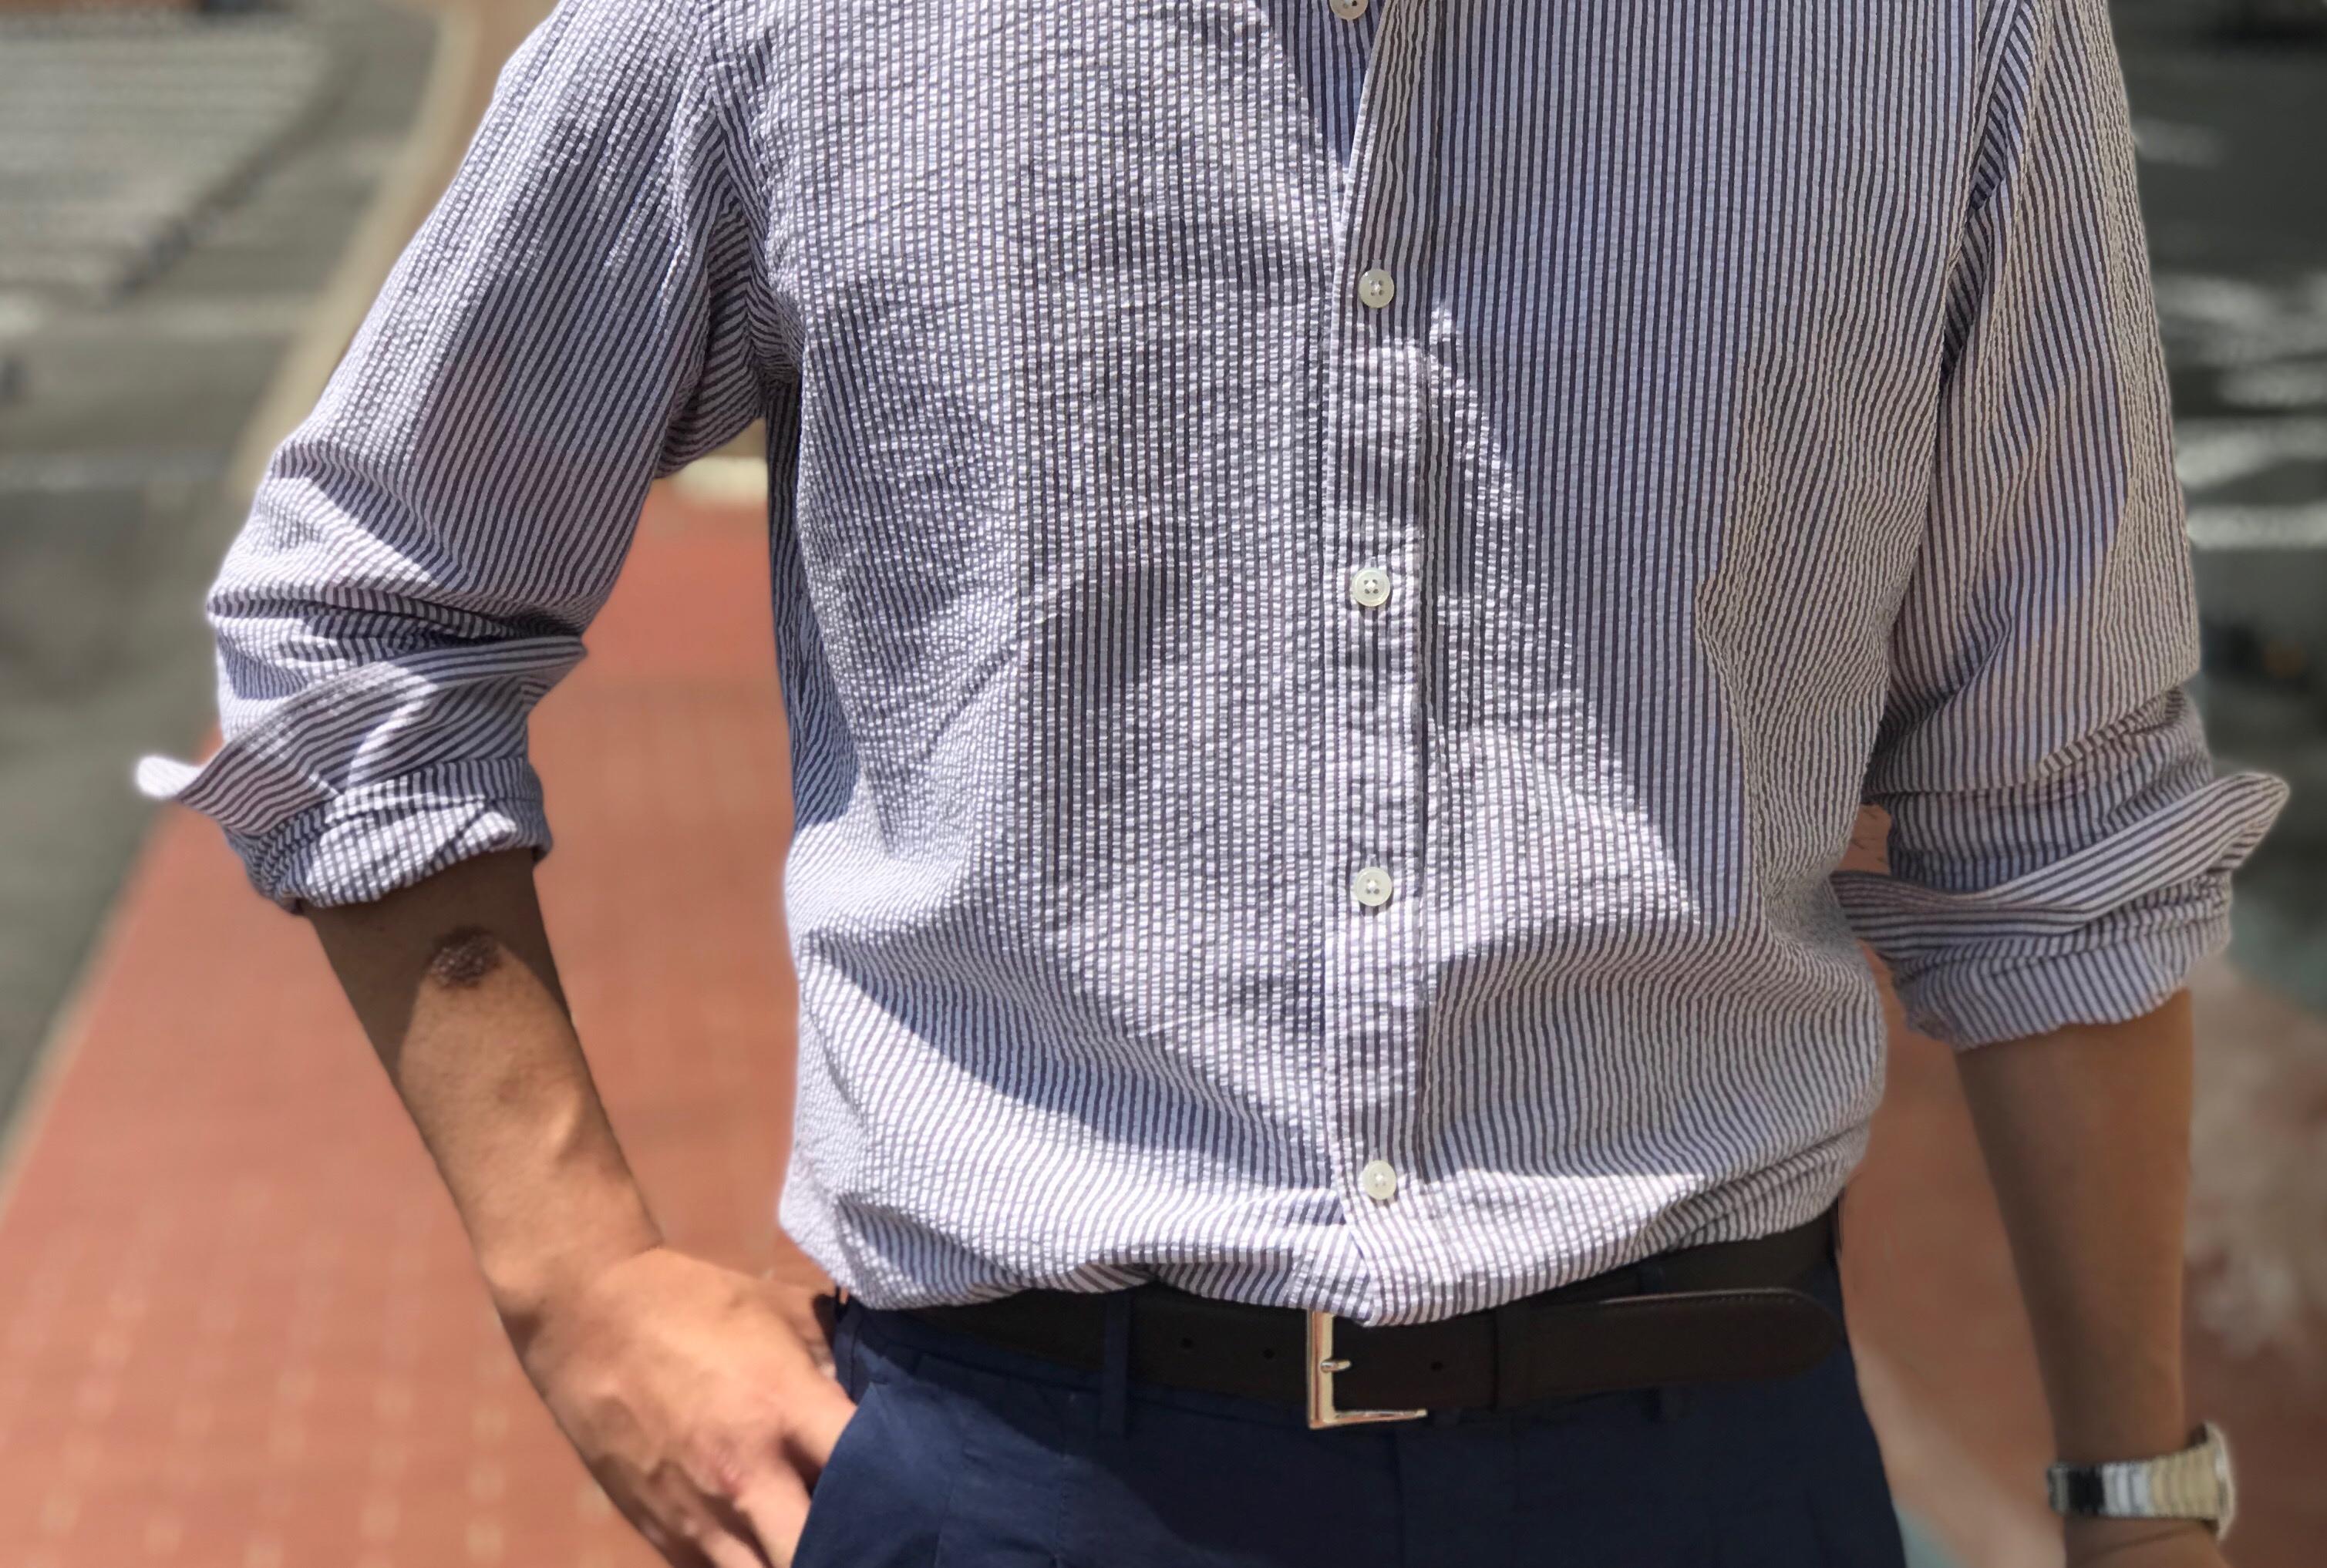 腕捲りが似合うシャツ! 【BAGUTTA】「BERLINO」ストライプ柄シアサッカー地シャツ!!